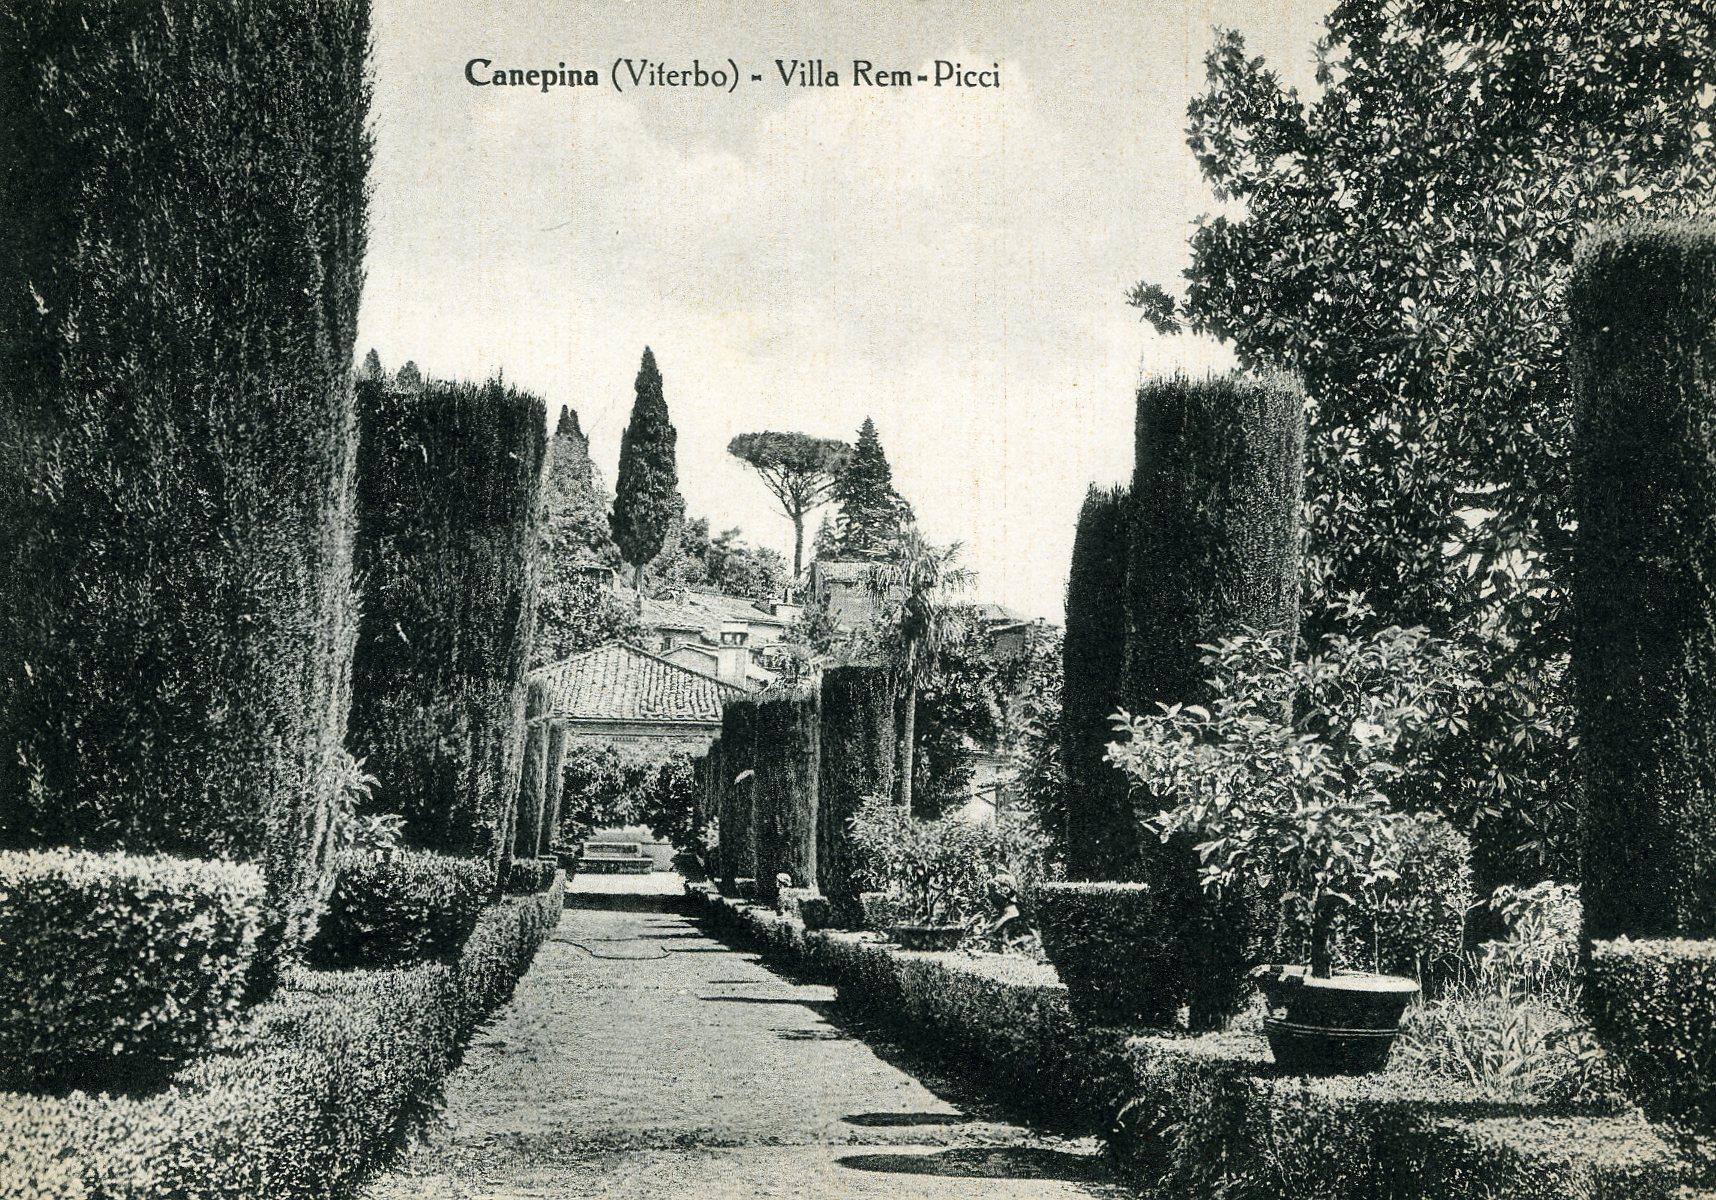 giardino-rem-picci-oggi-comunale